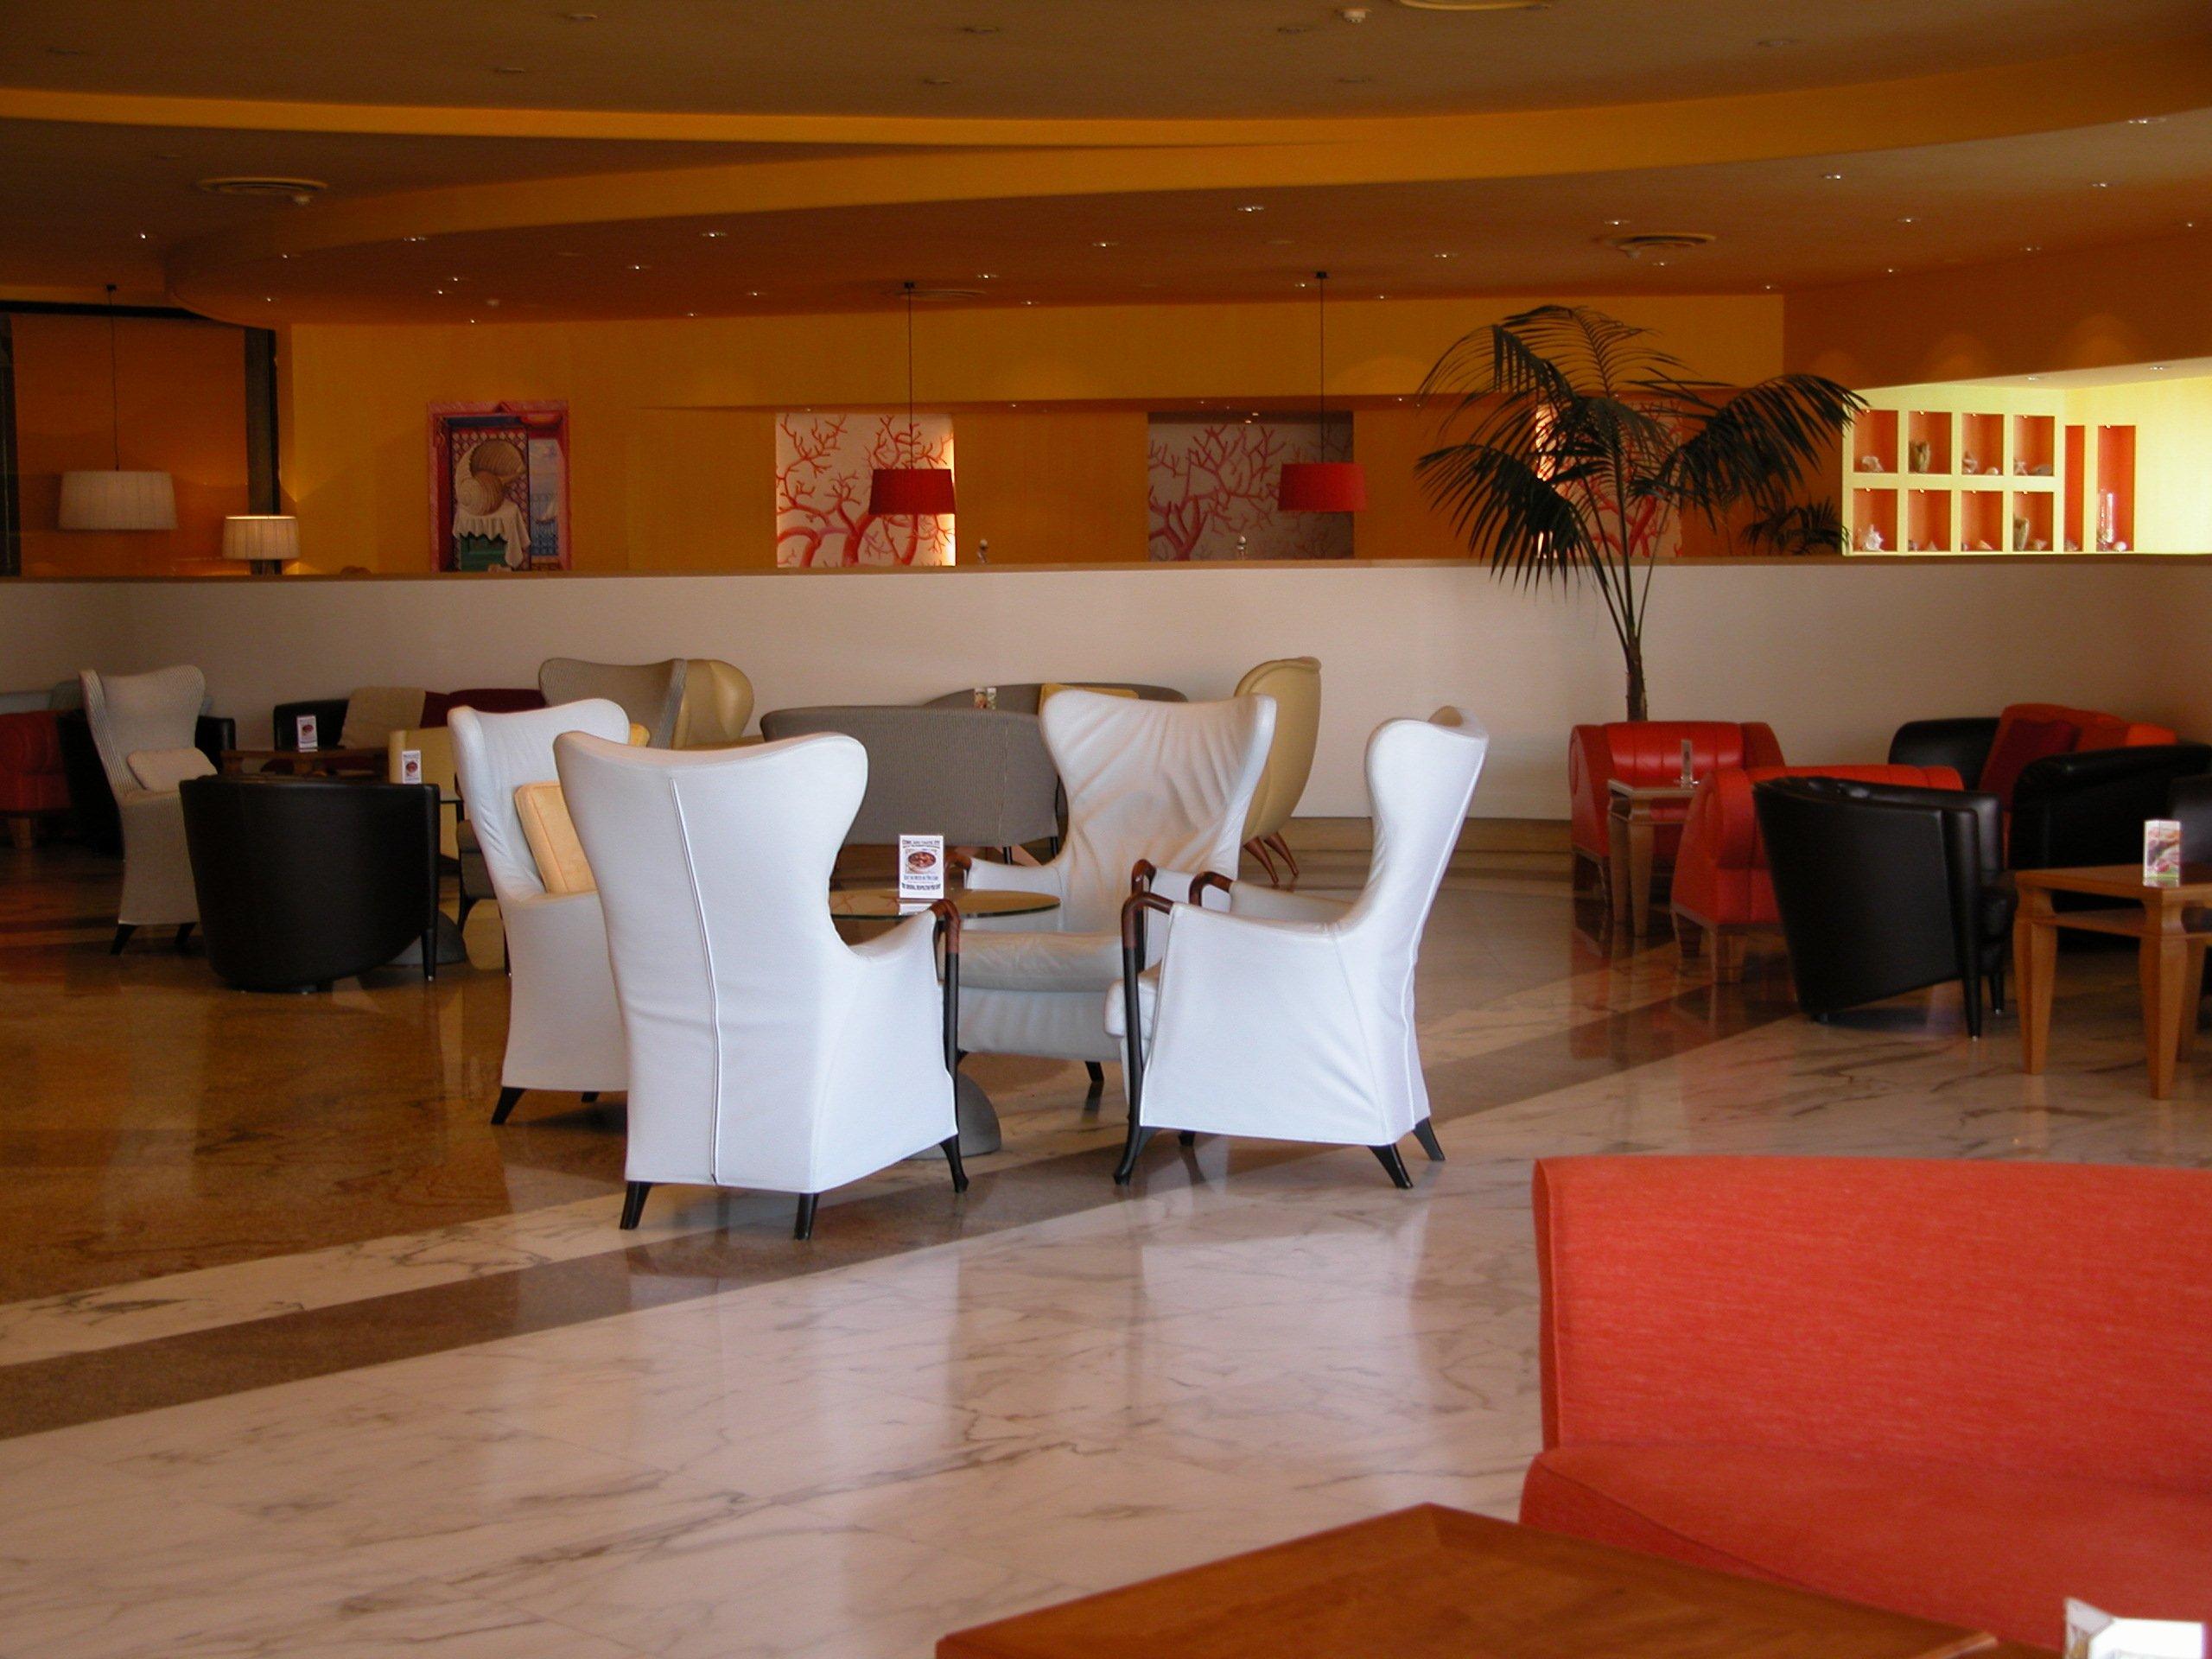 Tavolino con quattro eleganti portone bianche nella sala d'attesa di un hotel